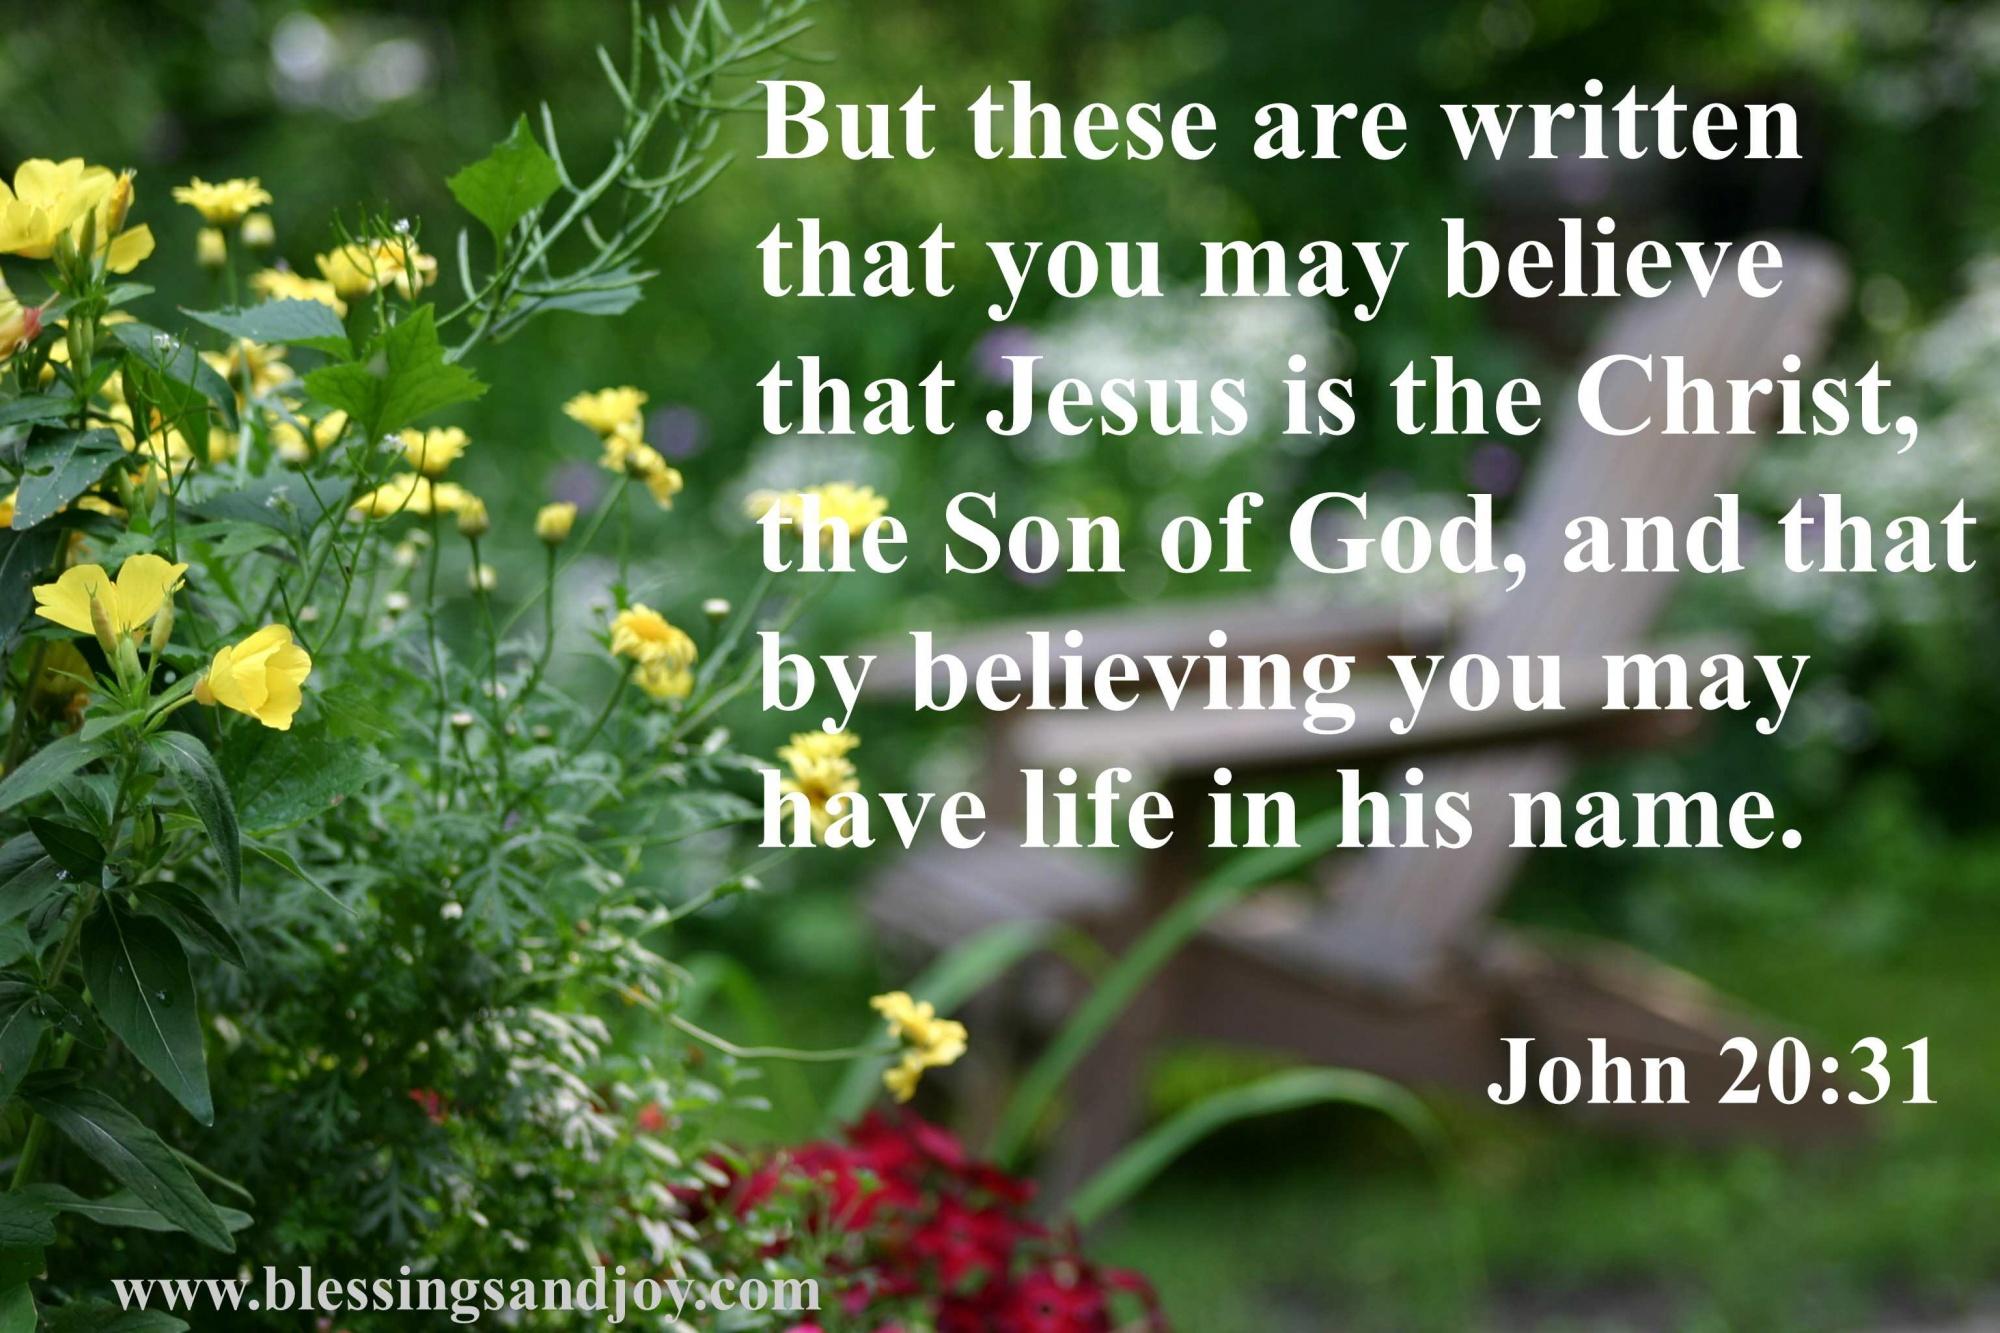 Easter_John_20_31-58